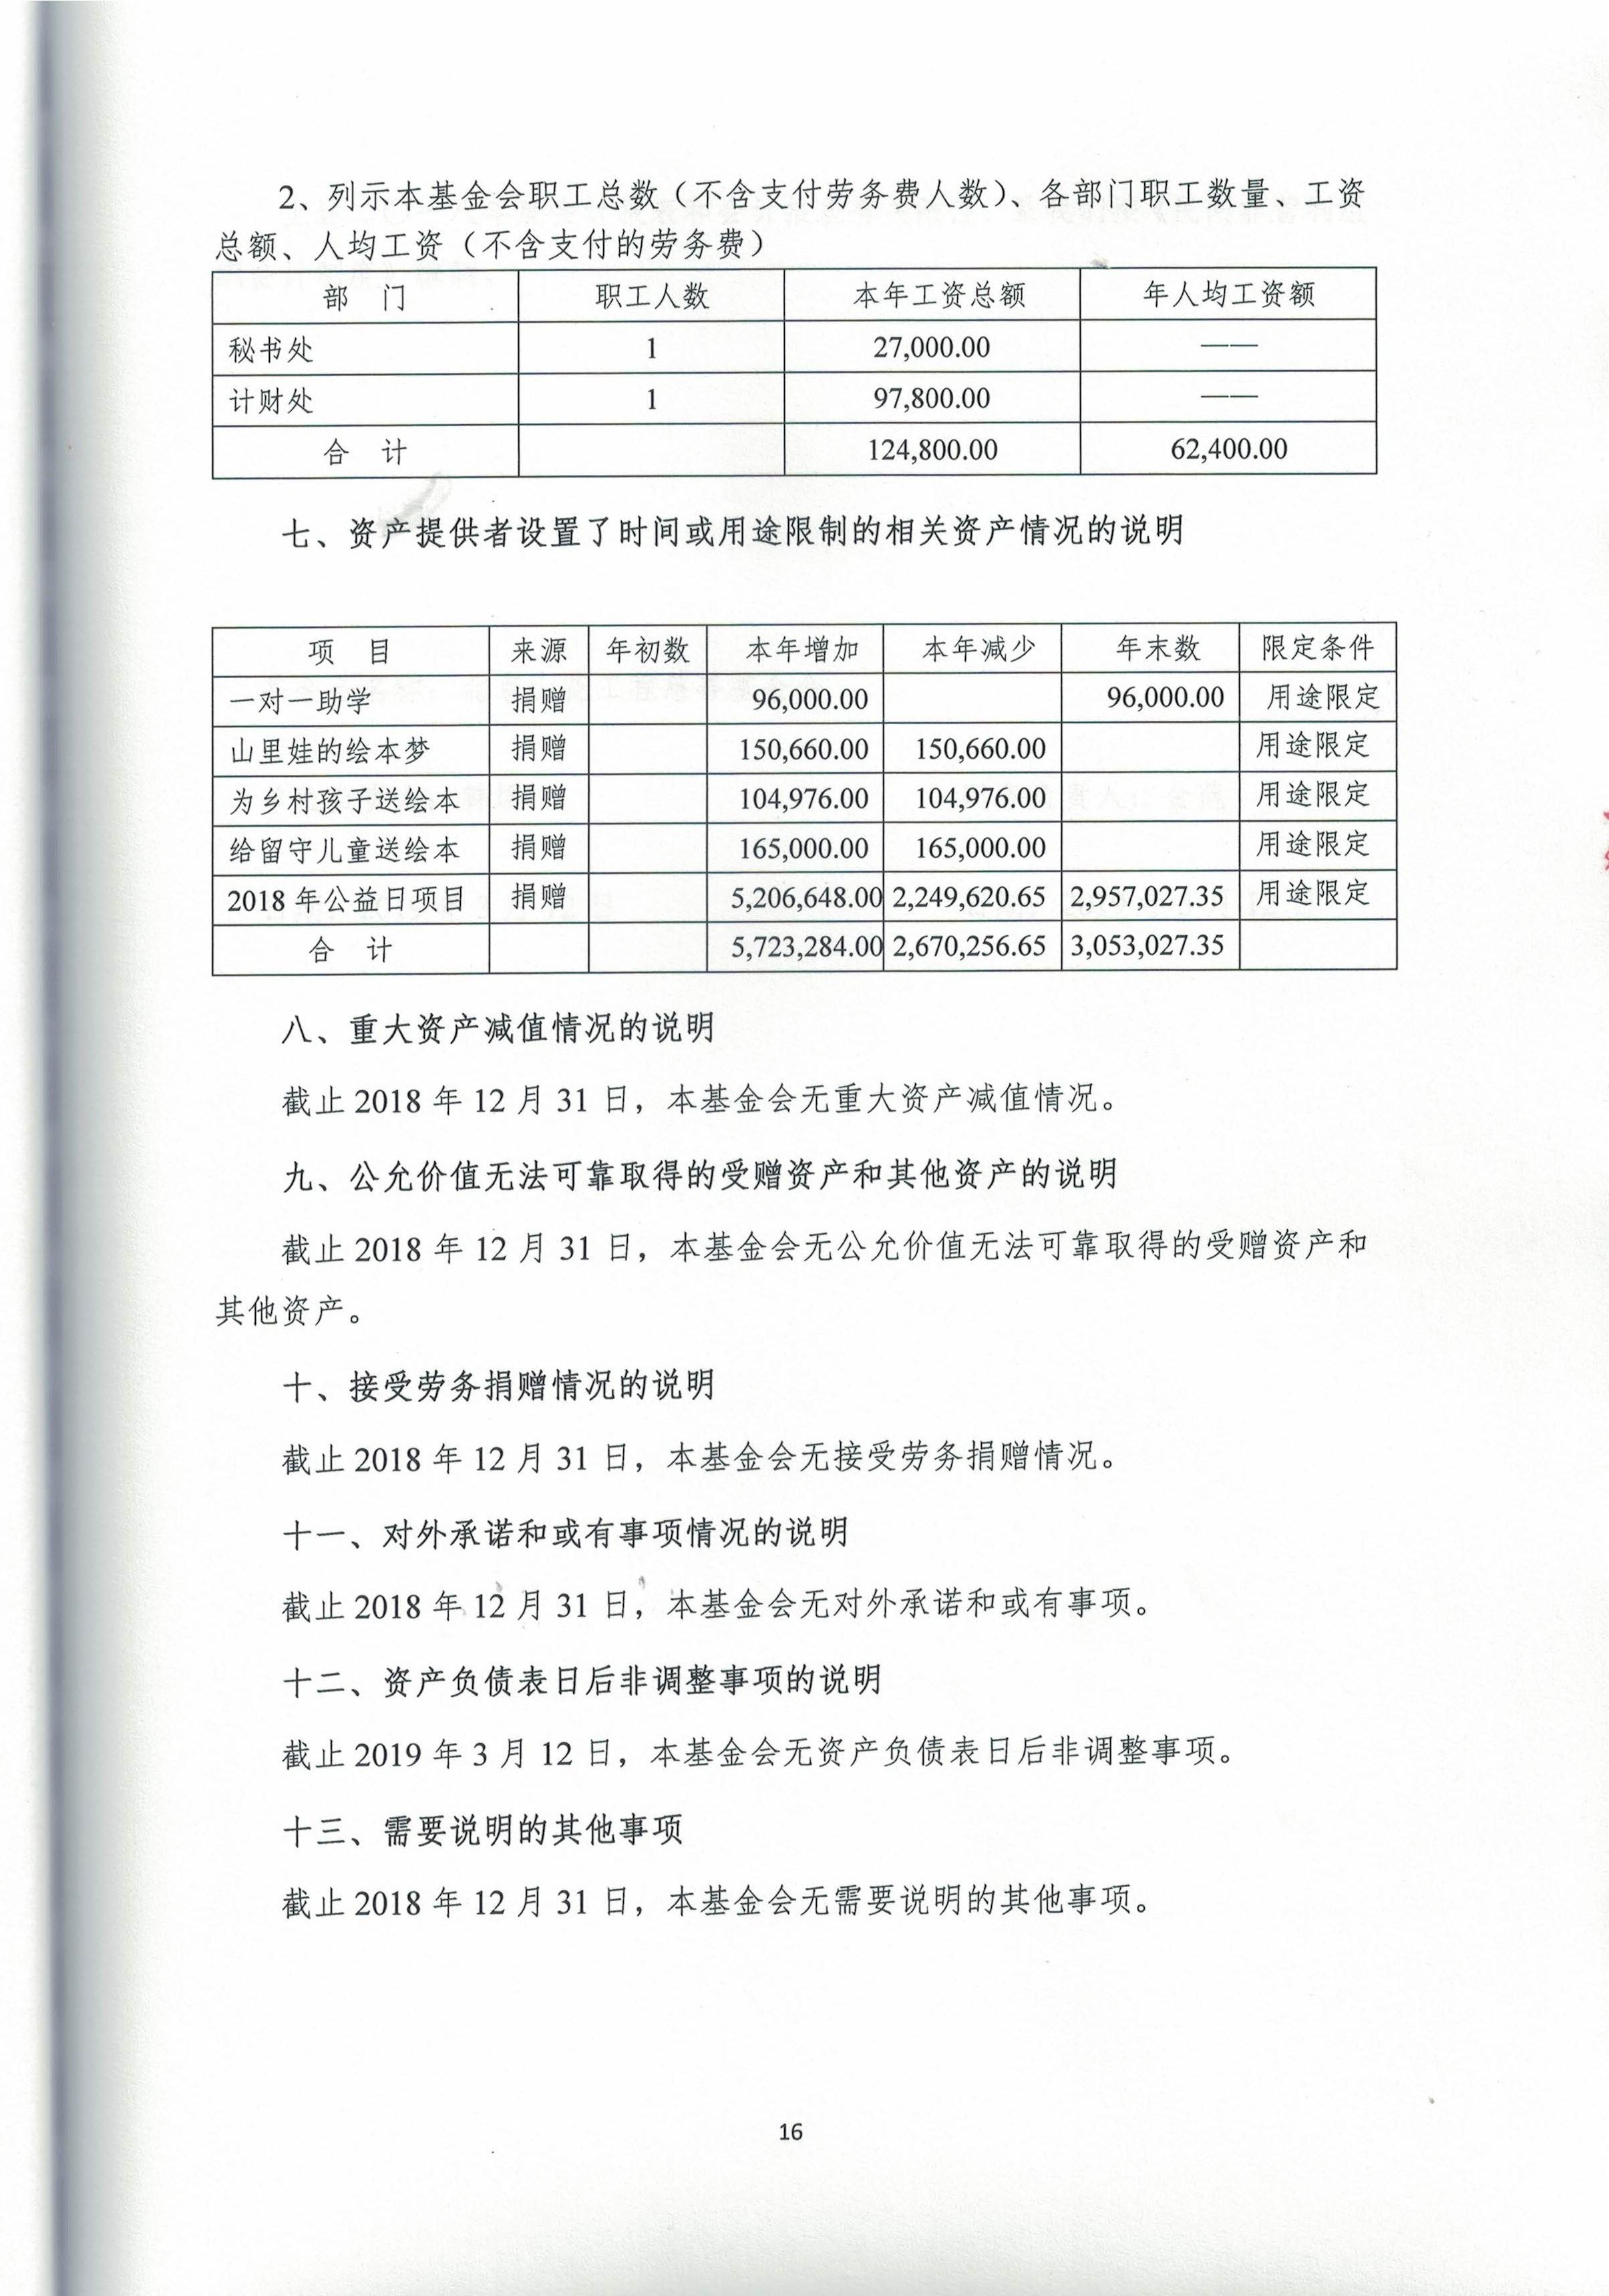 2018审计报告_页面_18